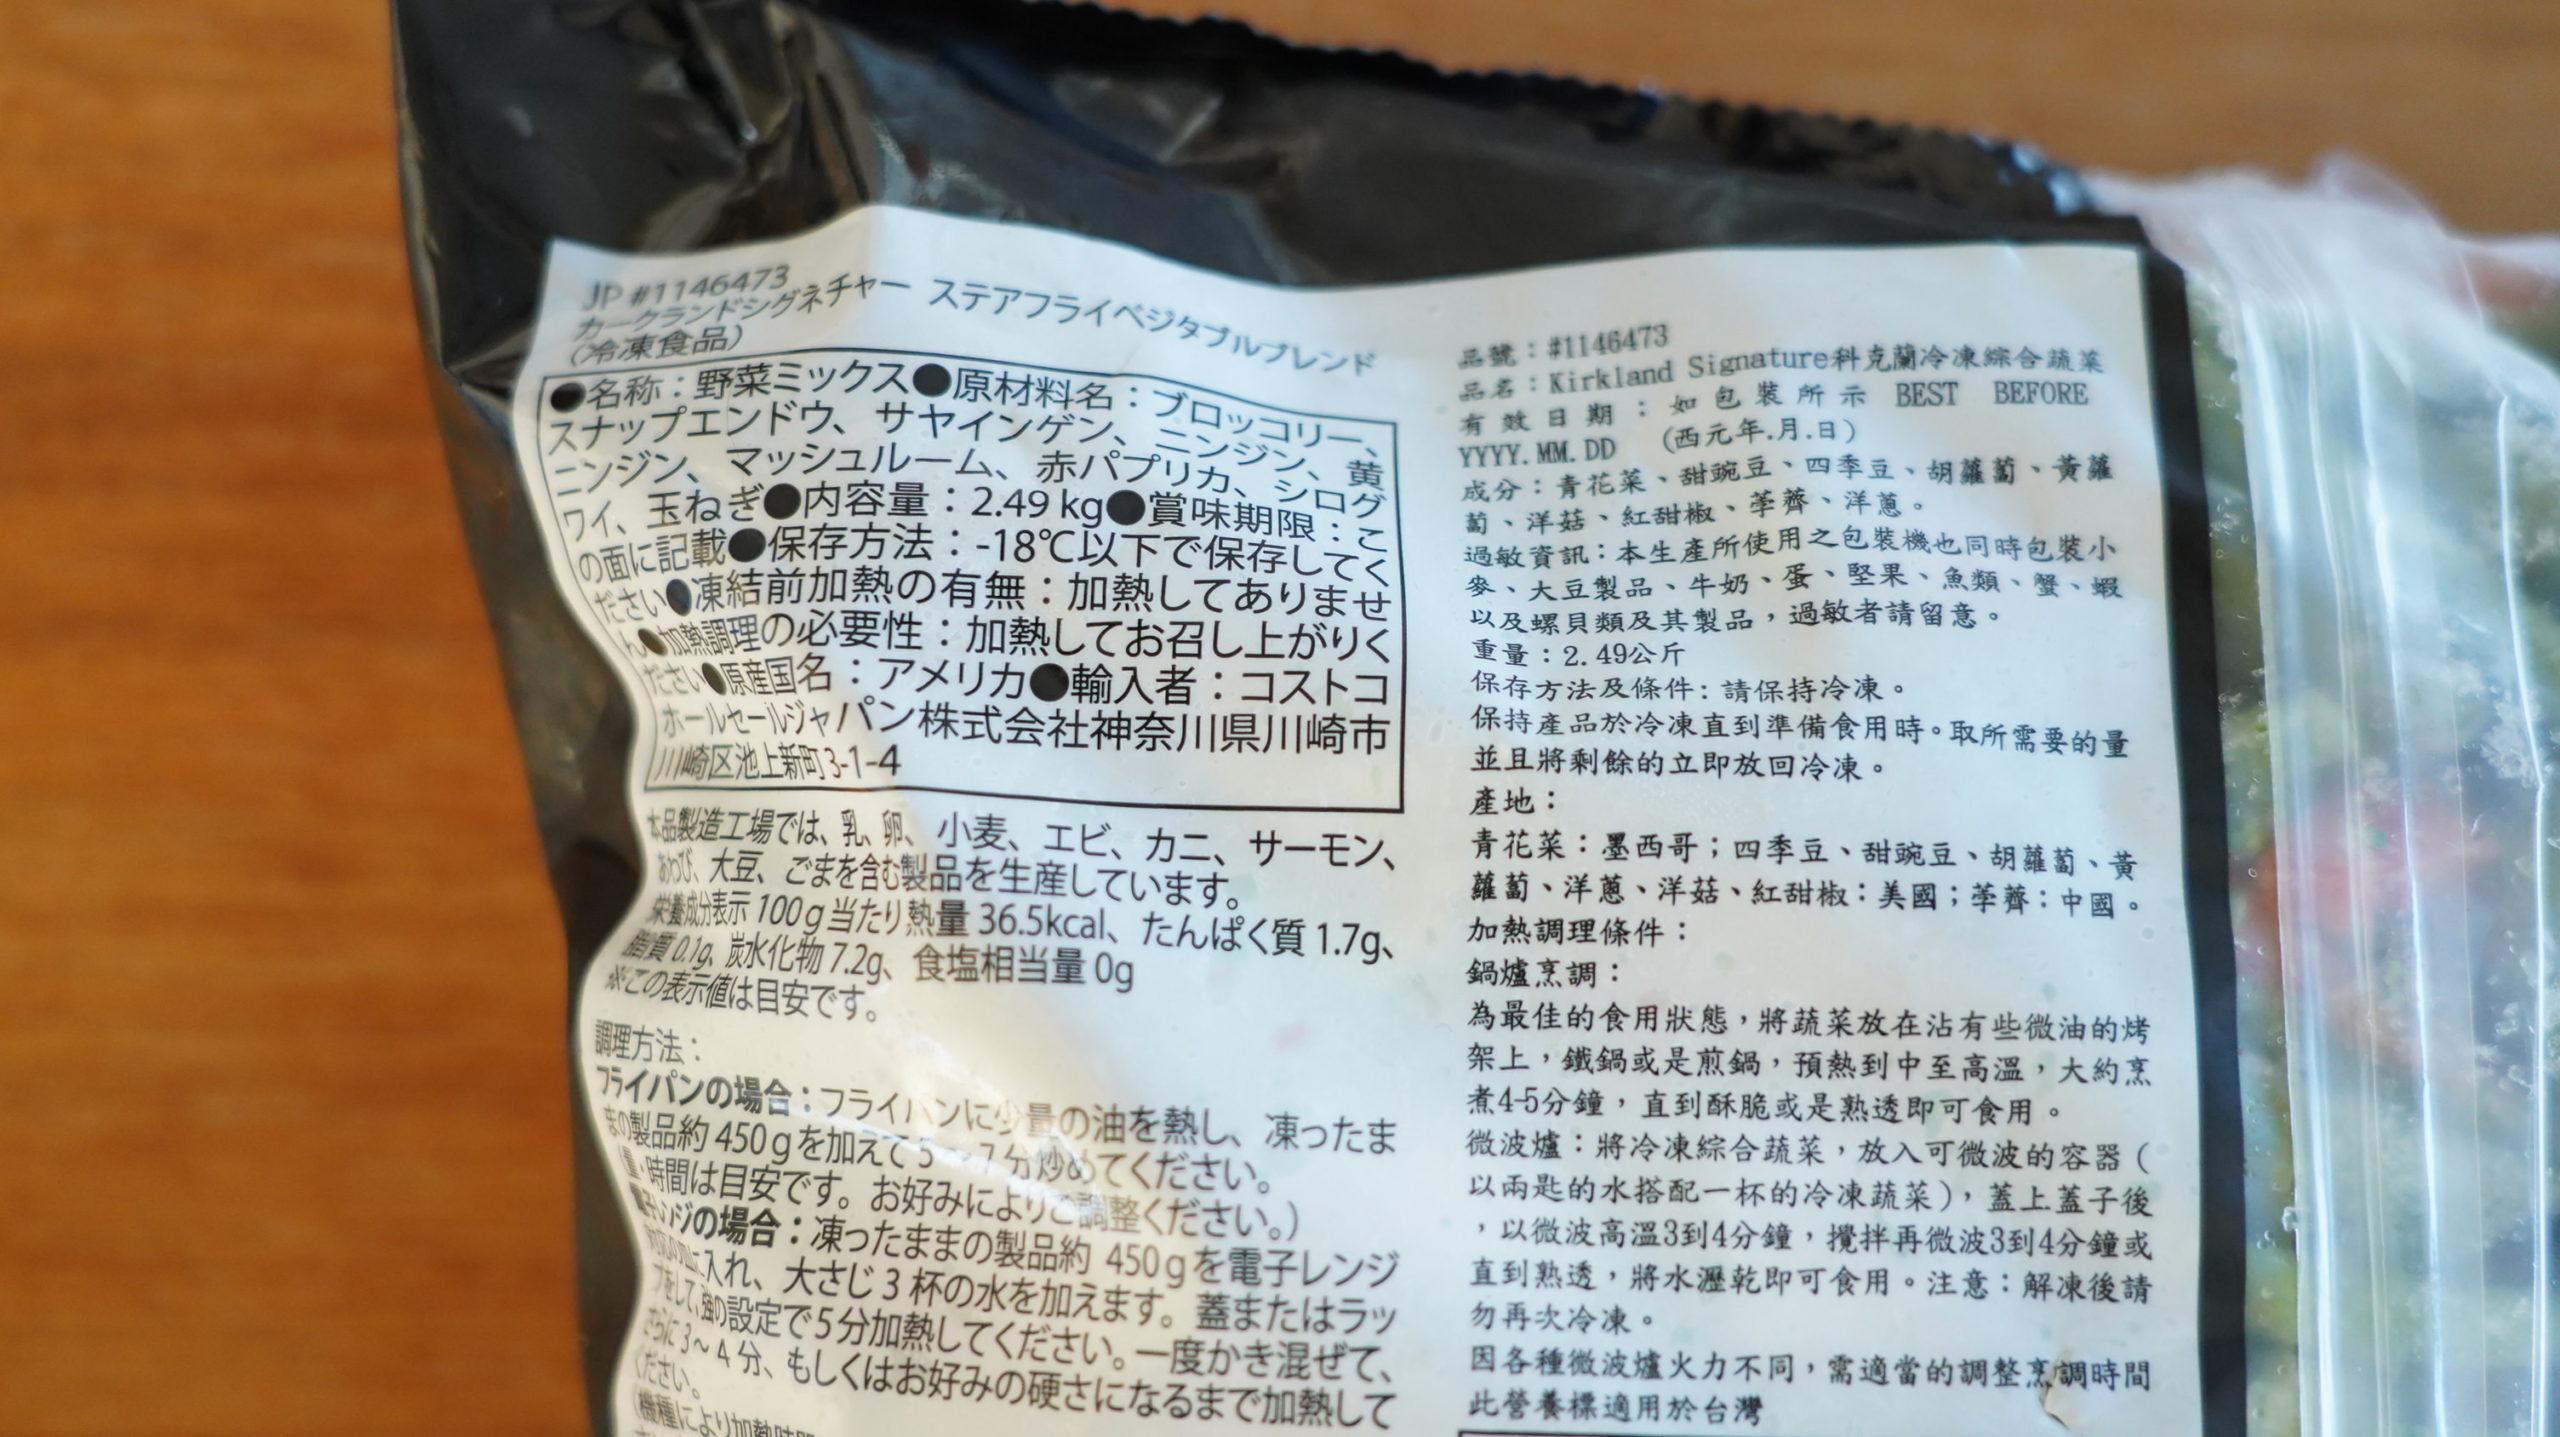 コストコの冷凍食品「ステアフライ・ベジタブルブレンド」のパッケージ裏面の日本語部分の写真